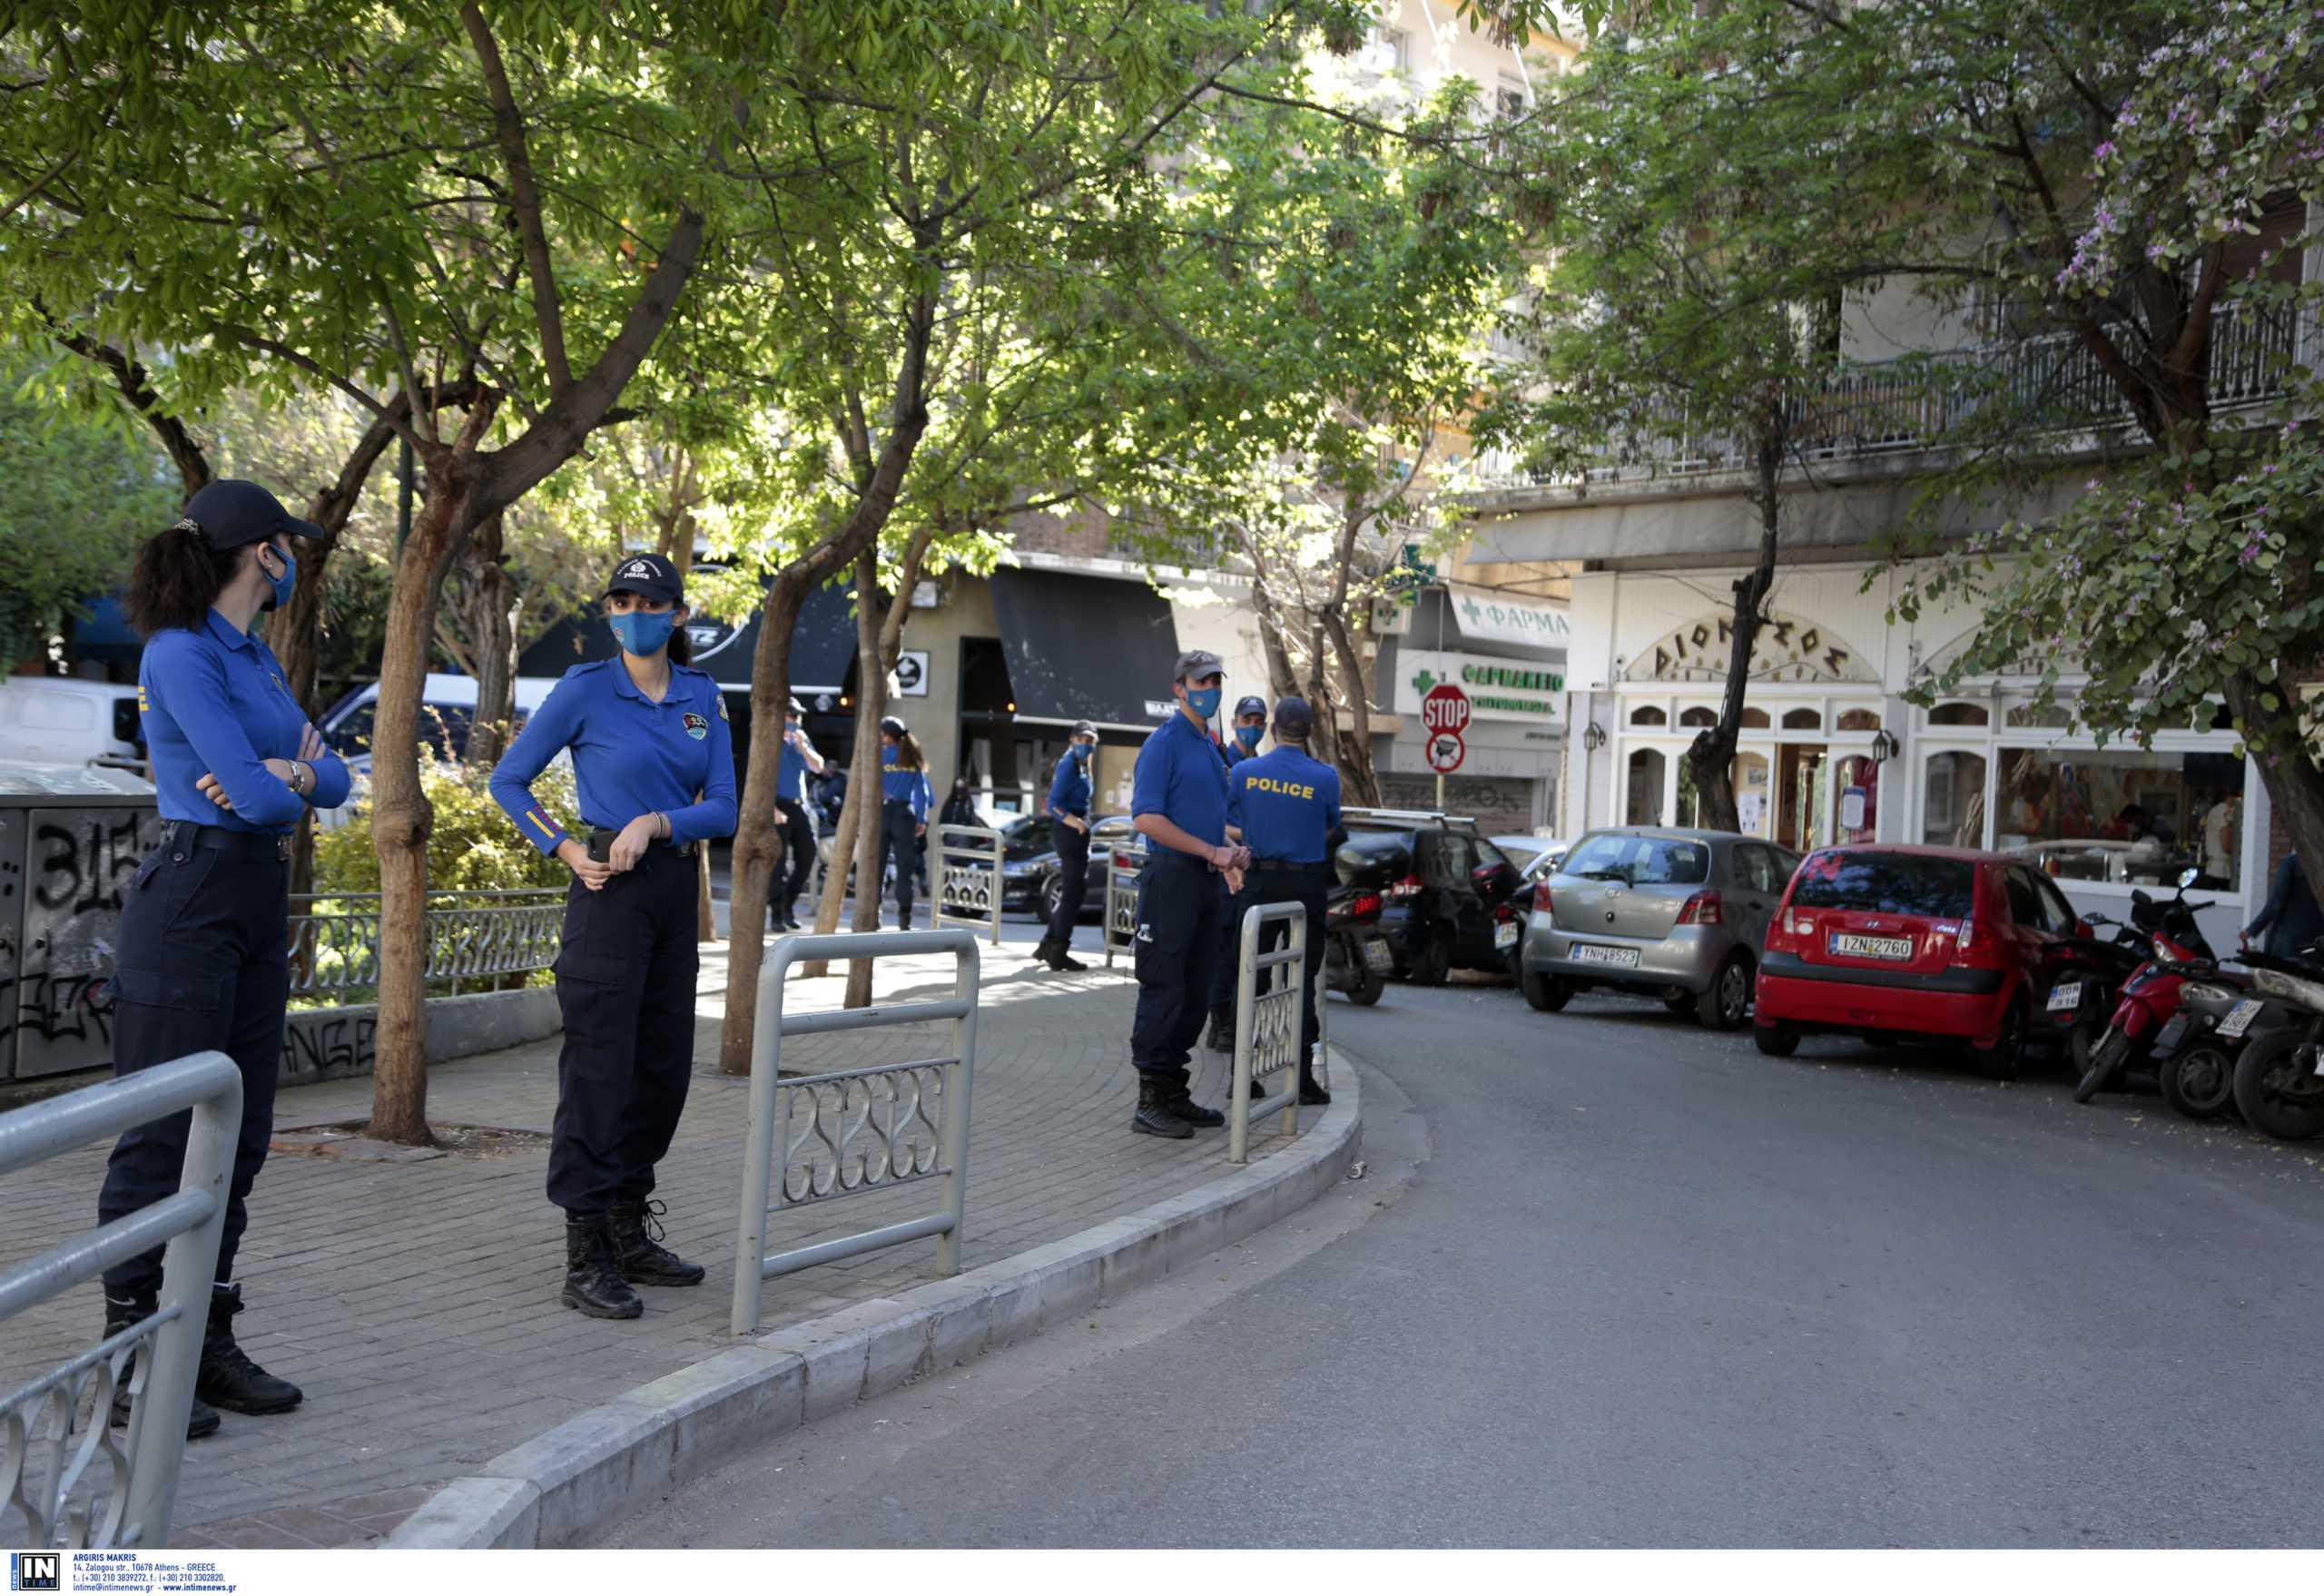 Αυστηροί έλεγχοι σε Κυψέλη και Περιστέρι μετά τα κορονοπάρτι: 7 συλλήψεις και… 295 παραβάσεις